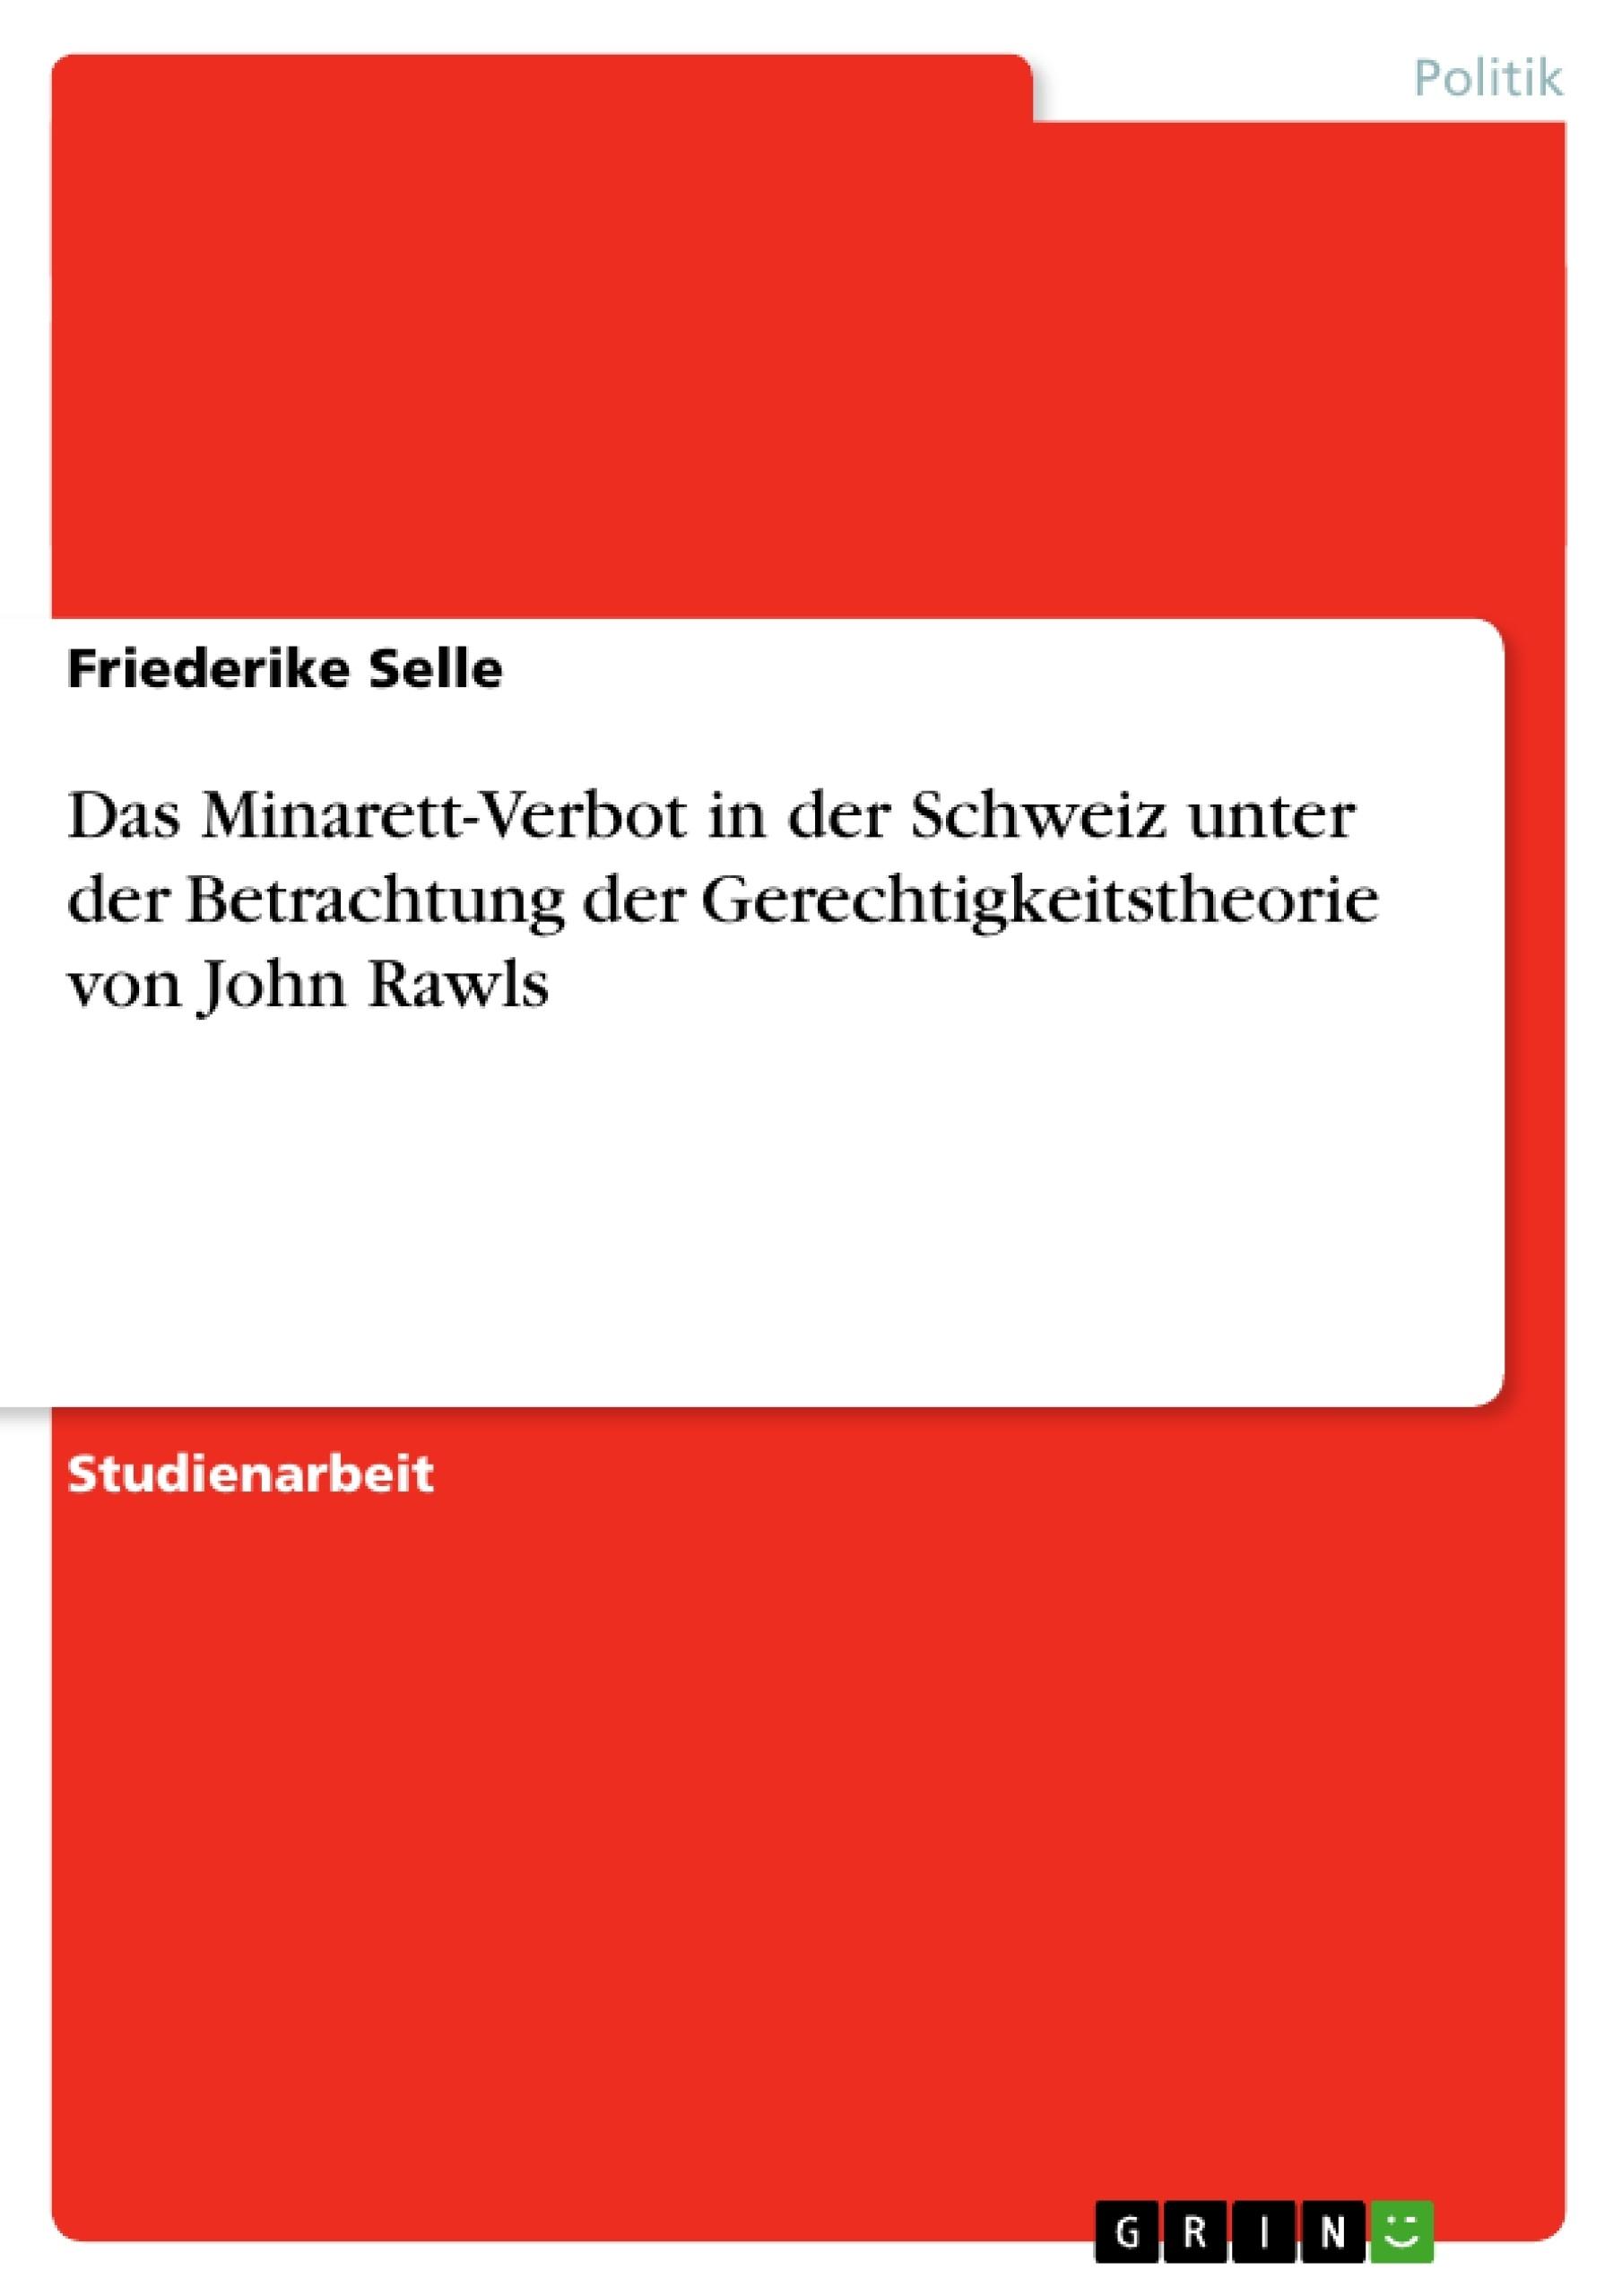 Titel: Das Minarett-Verbot in der Schweiz  unter der Betrachtung der Gerechtigkeitstheorie von  John Rawls